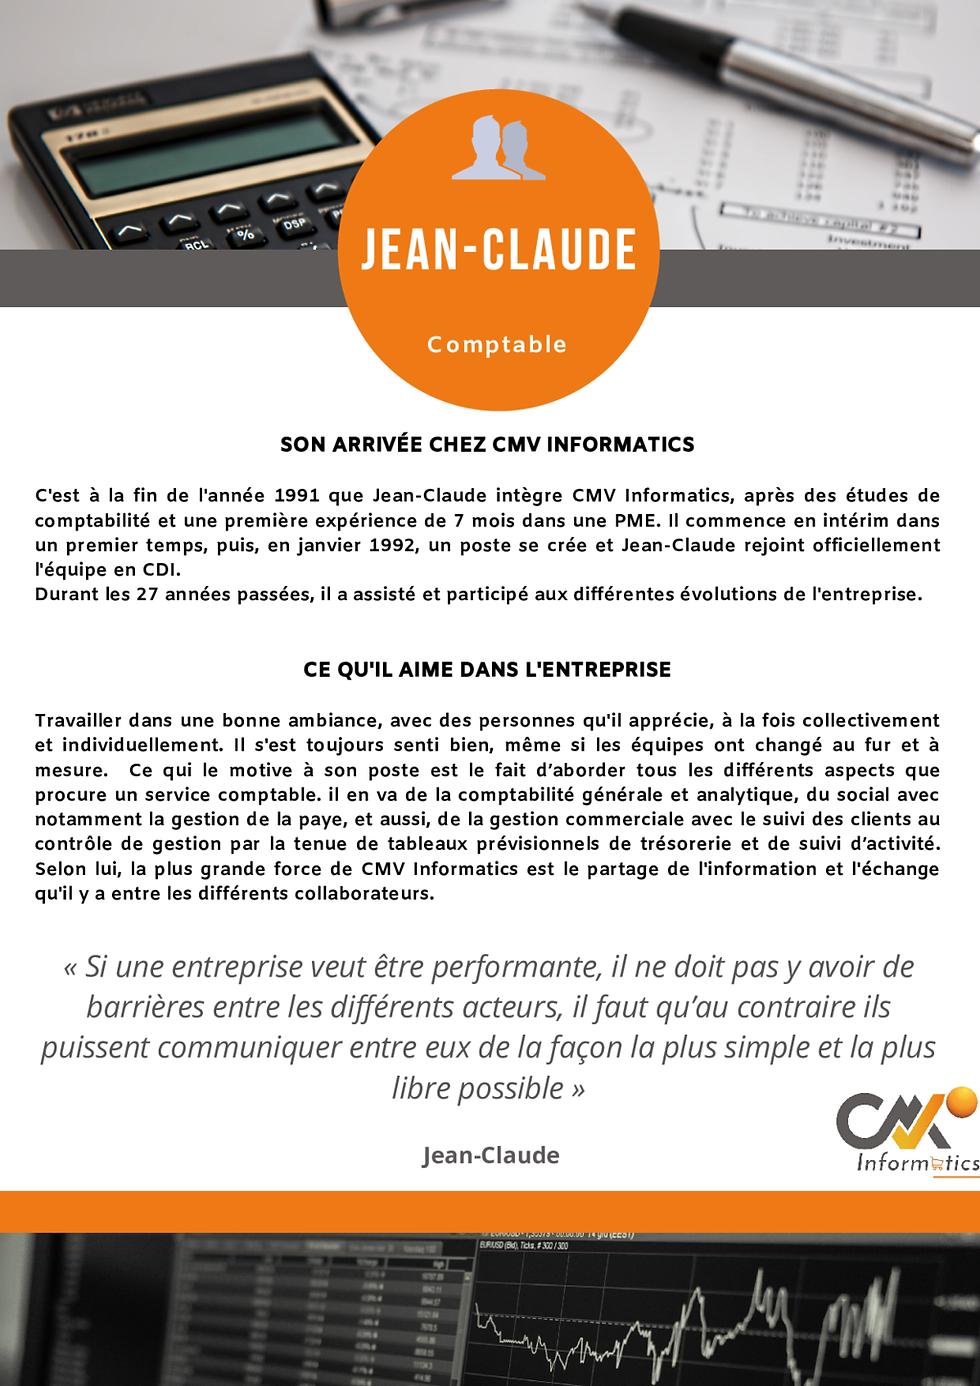 Jean-Claude.png